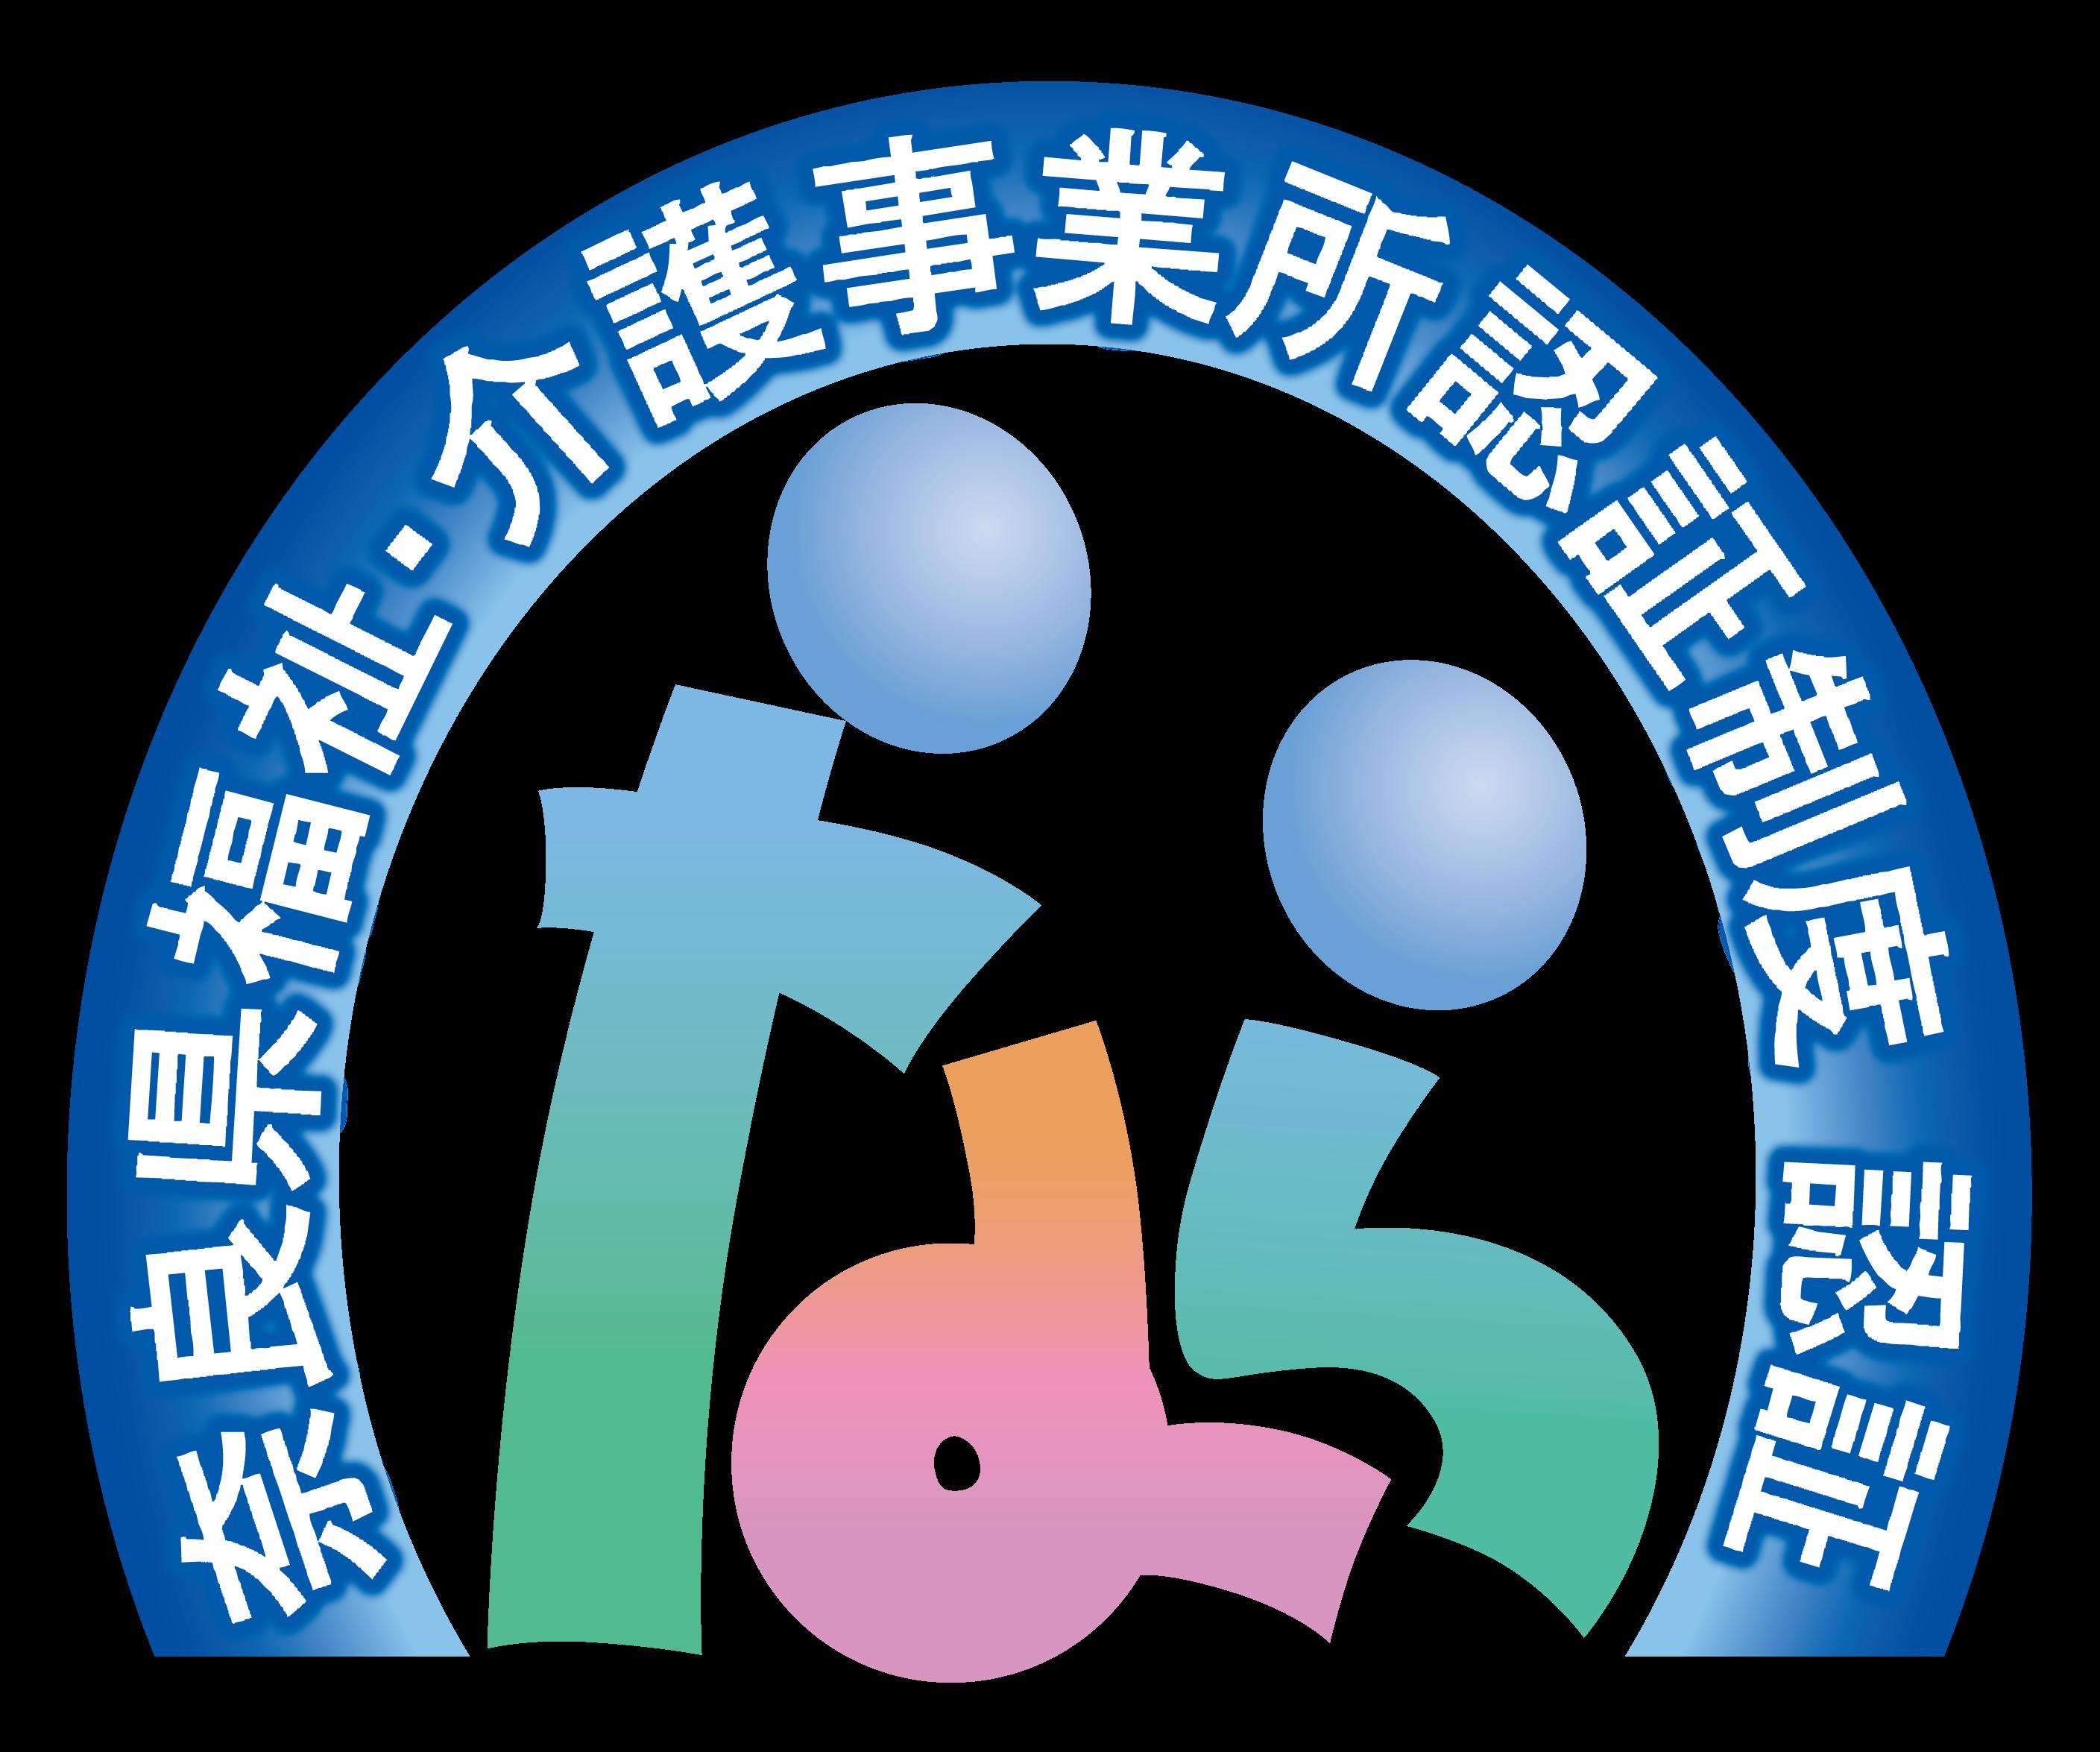 奈良県福祉介護事業所認証制度